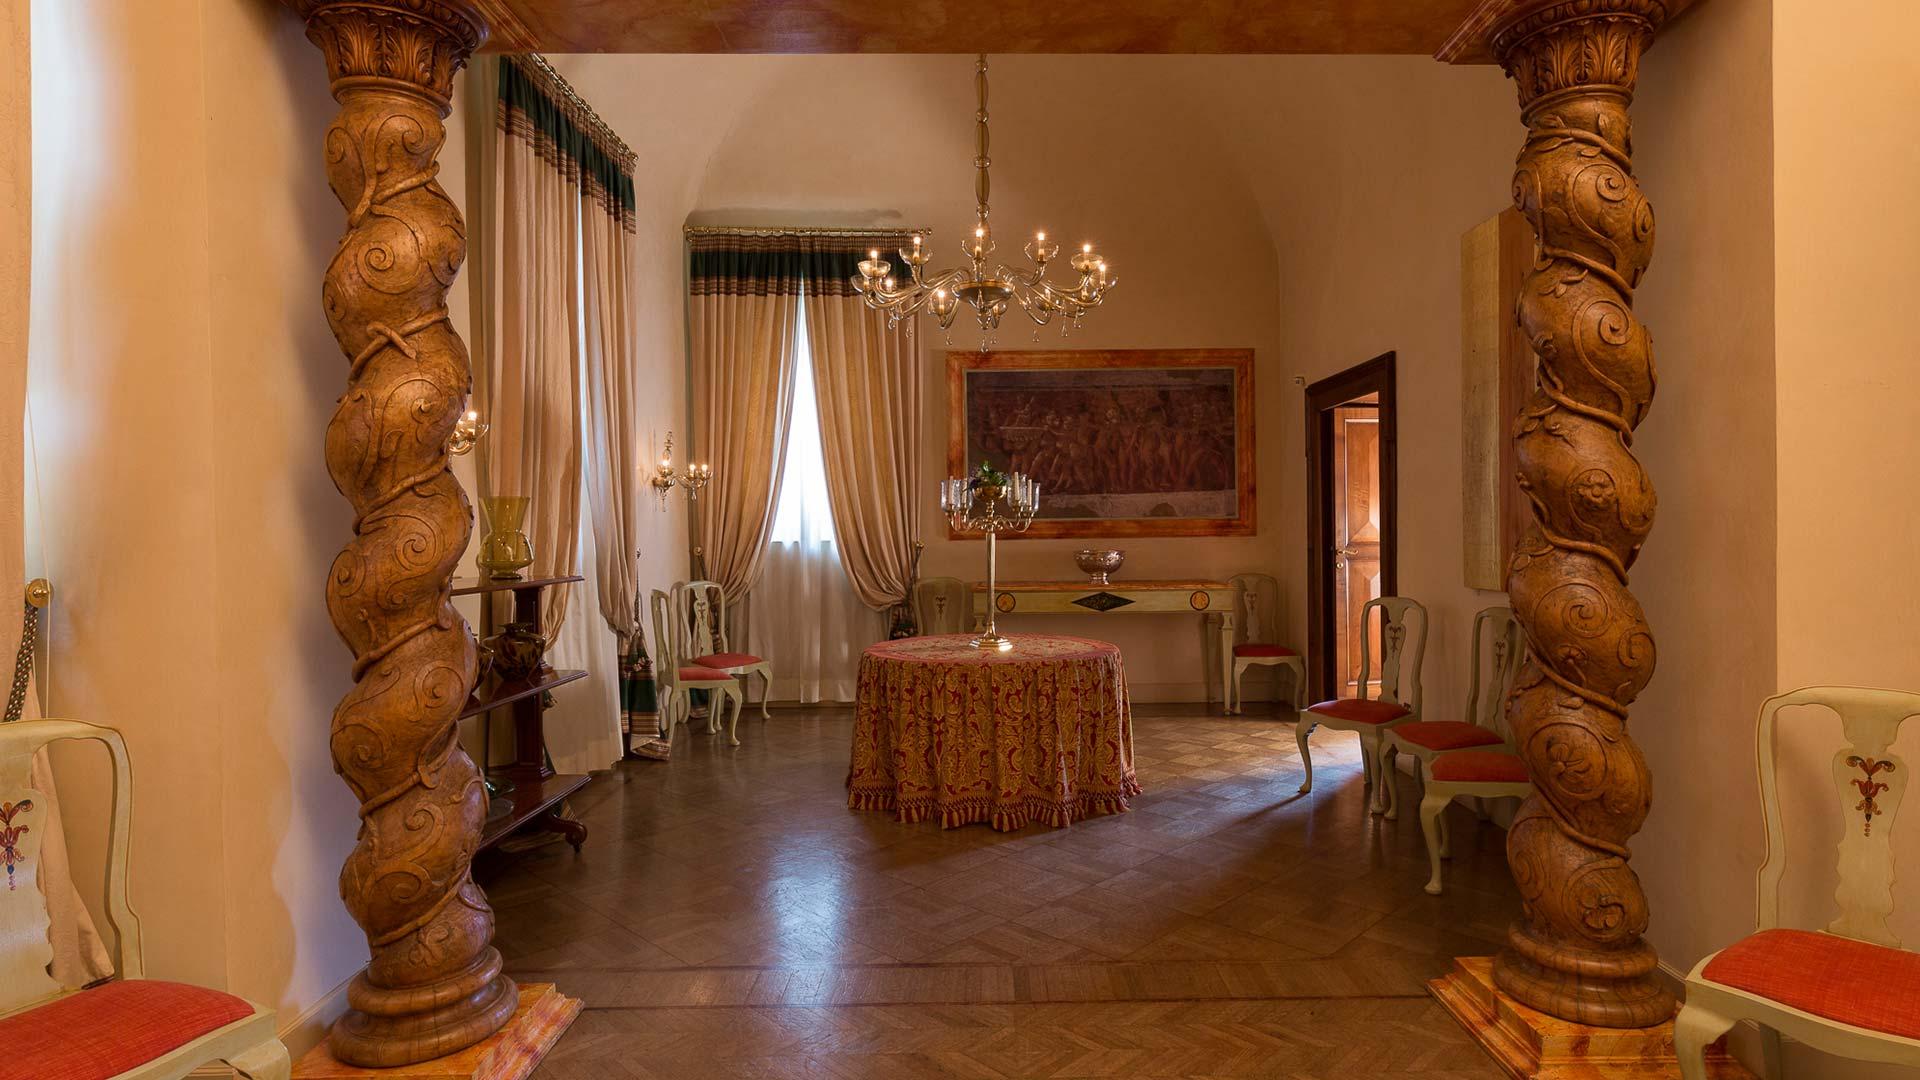 Altri ricevimenti borgo storico seghetti panichi for Nuove case con suite suocera